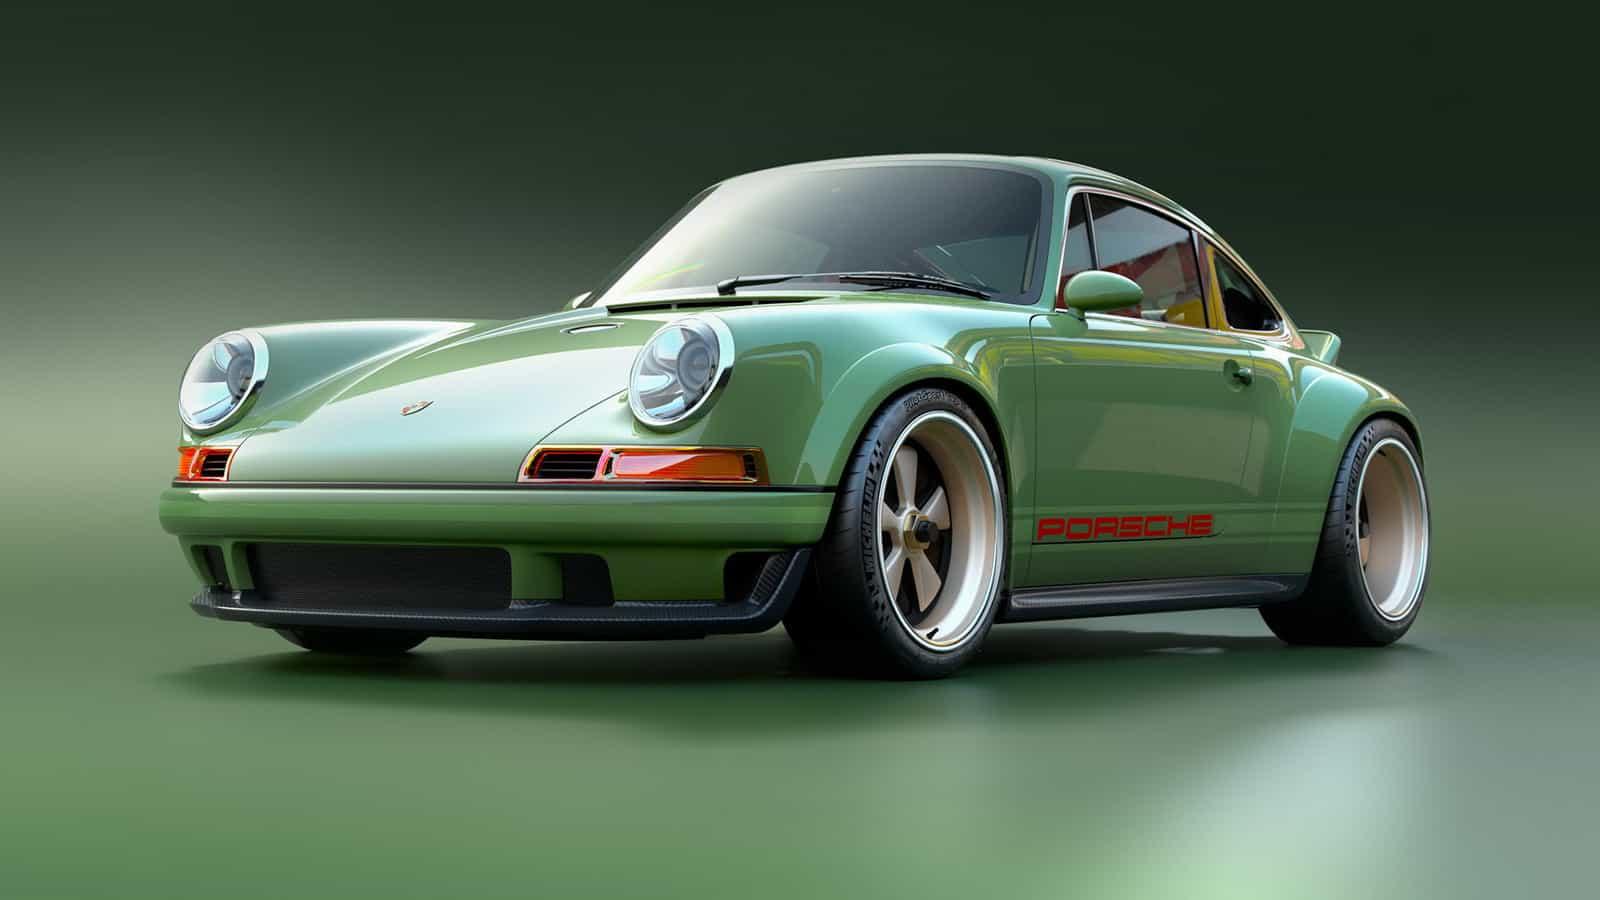 Porsche 911 DLS Singer